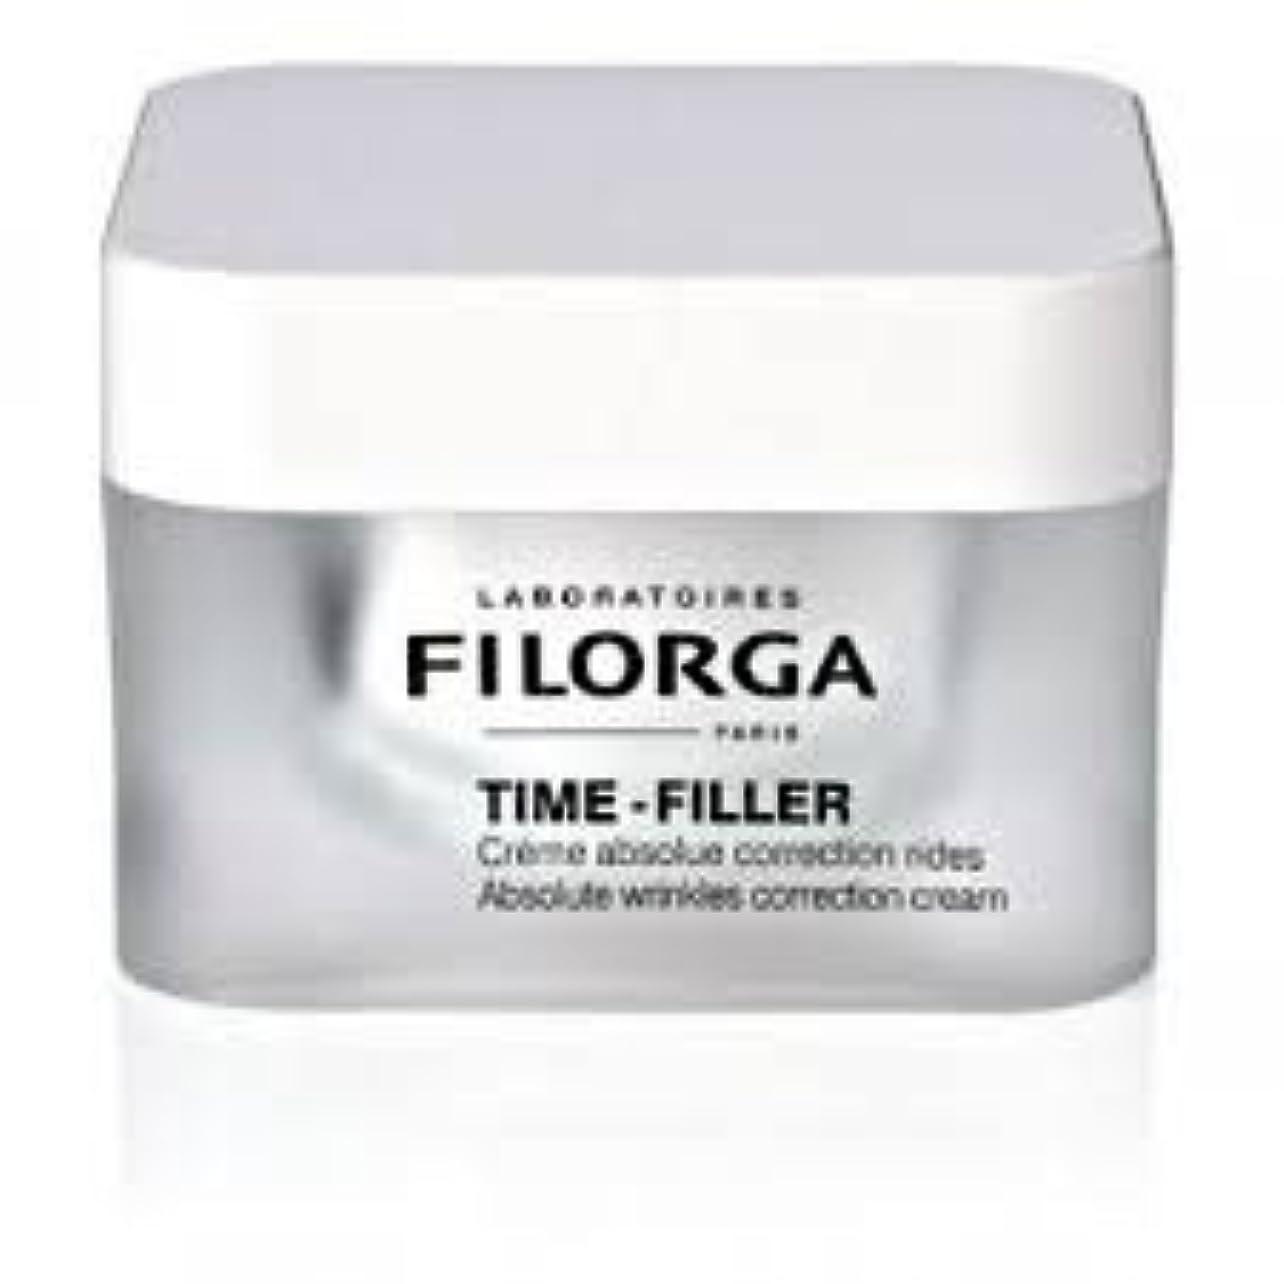 優雅な抽象化社会科フィロルガ[FILORGA]タイム フィラー 50ML TIME FILLER 50ML [海外直送品] [並行輸入品]